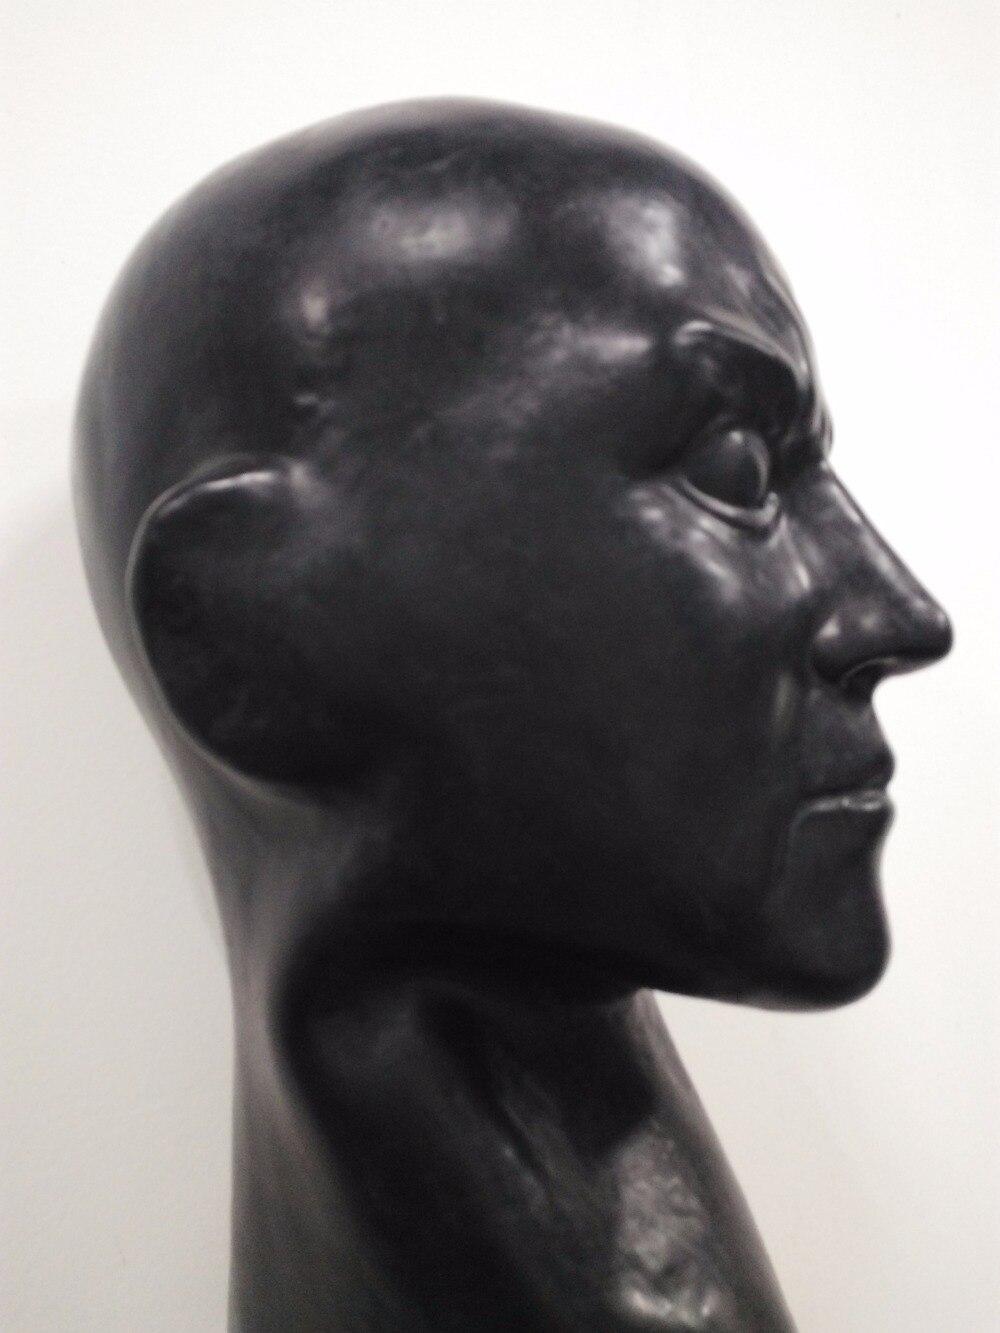 (LH07) fétiche Latex pleine tête humain anatomique mâle visage latex masque SM étouffant caoutchouc capuche SM étouffant masque fétiche porter